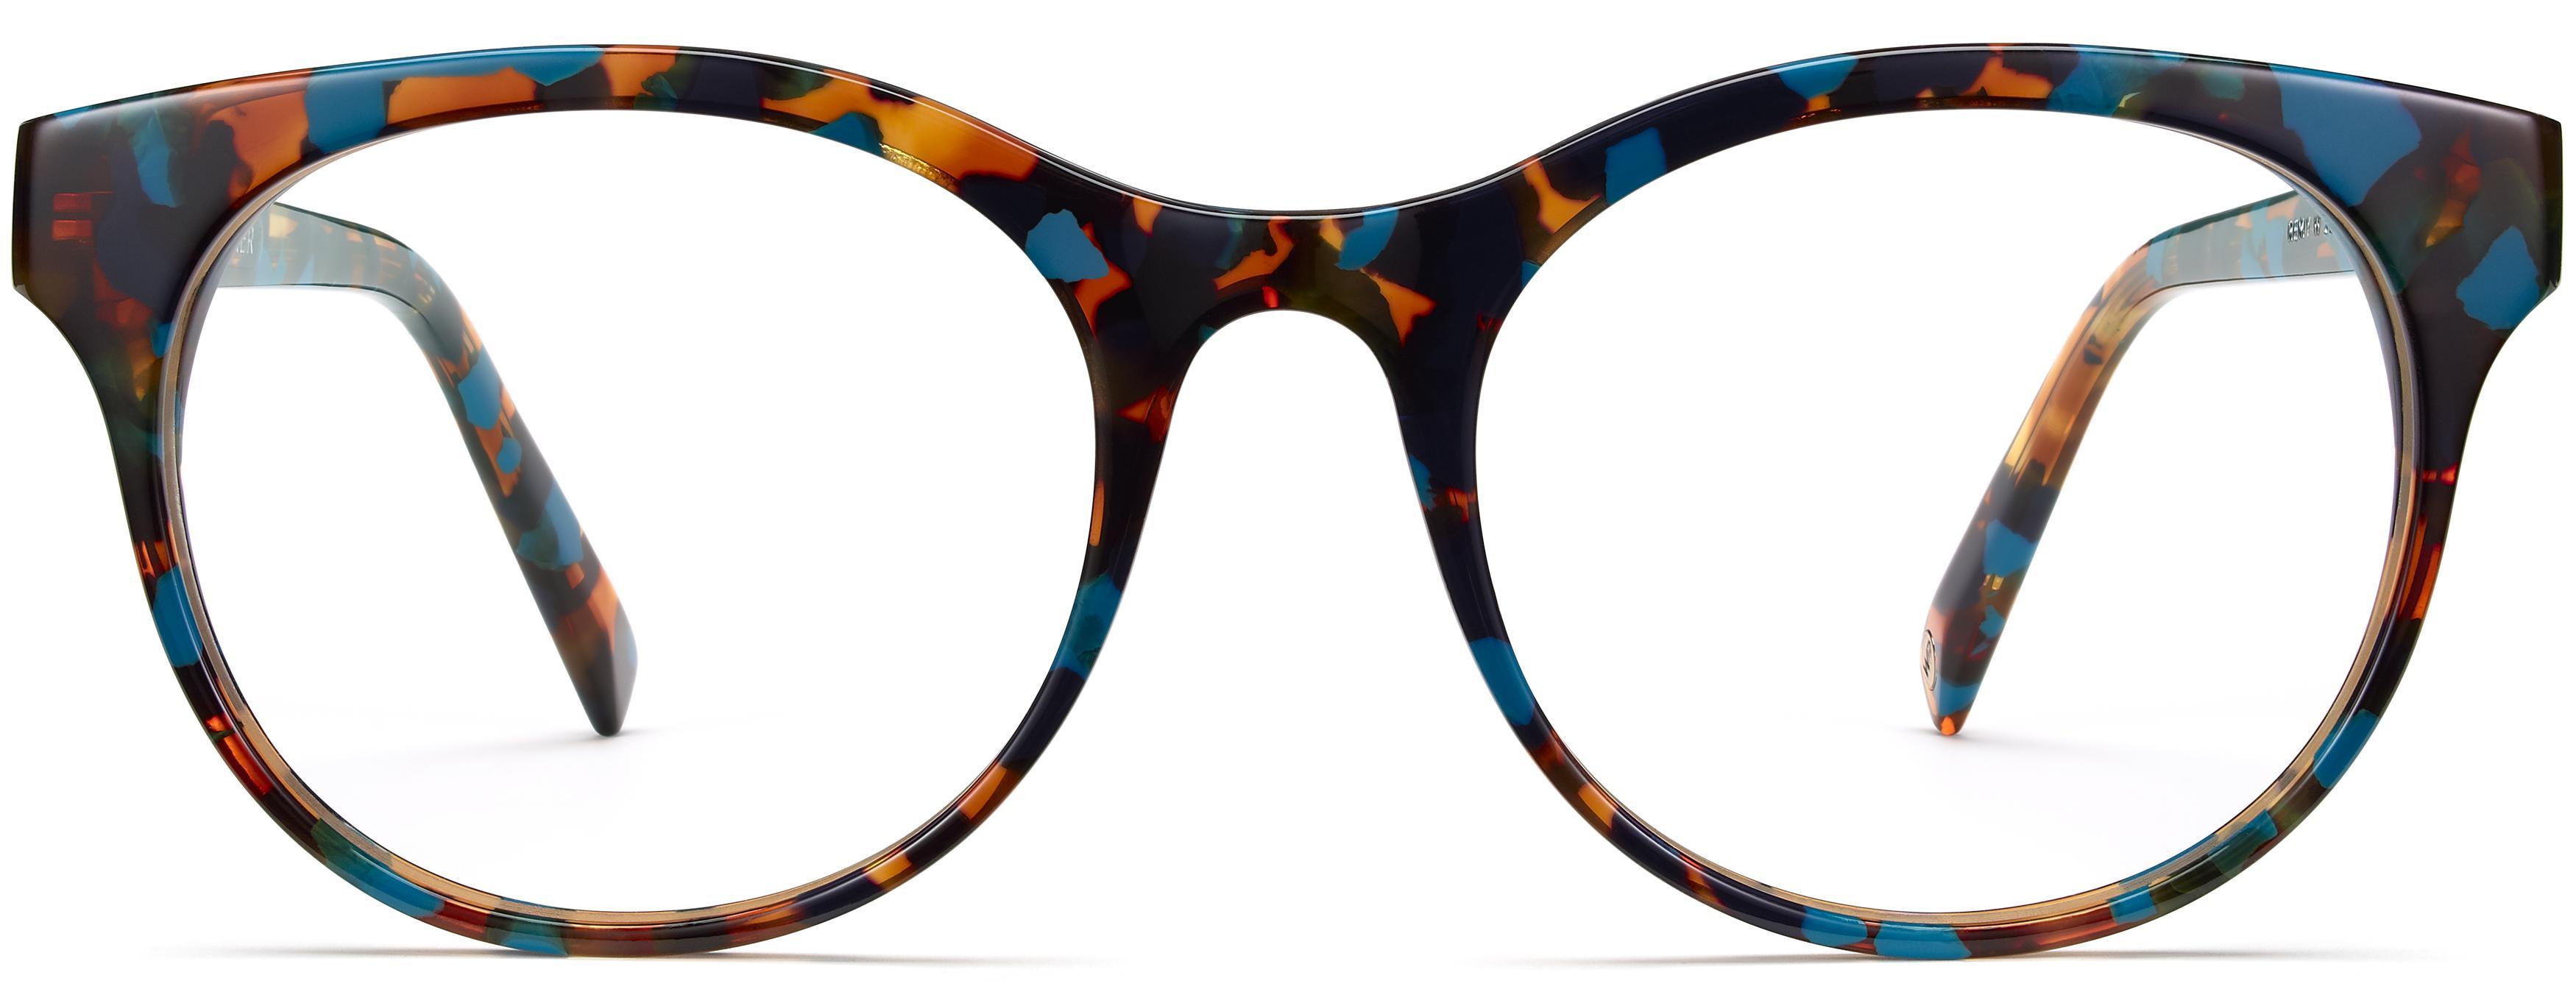 166d51f4a4 Men s Eyeglasses